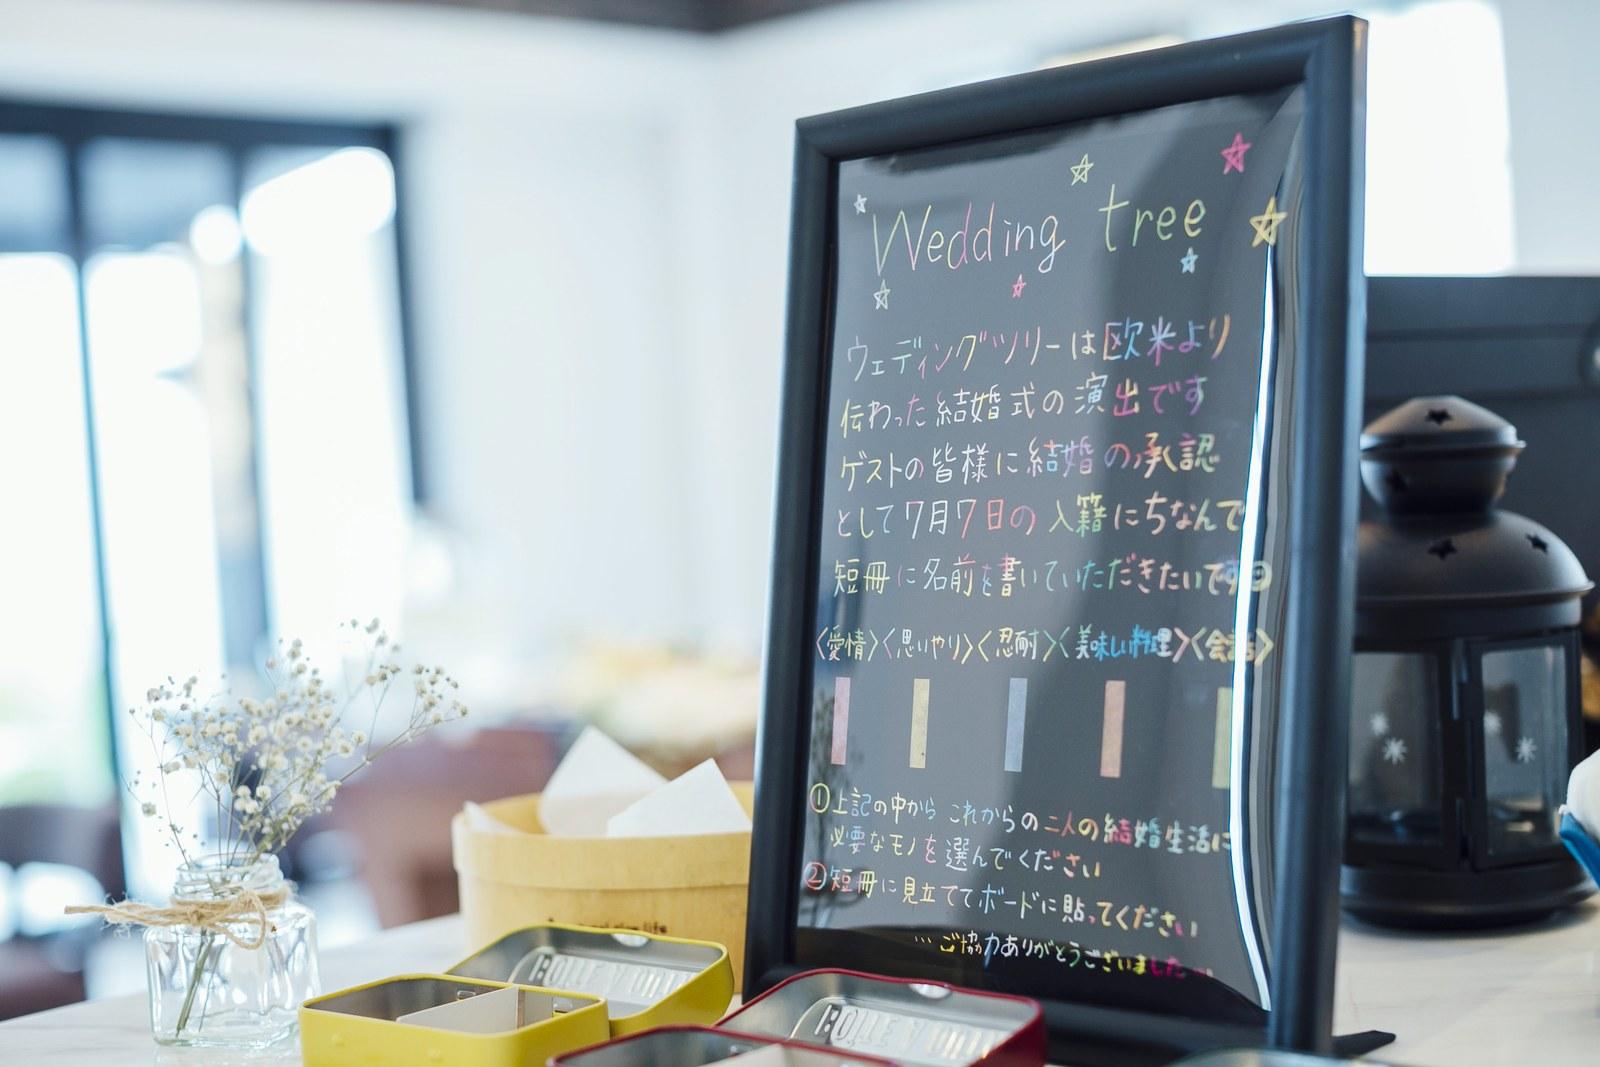 香川県の結婚式場シェルエメール&アイスタイルの結婚証明書